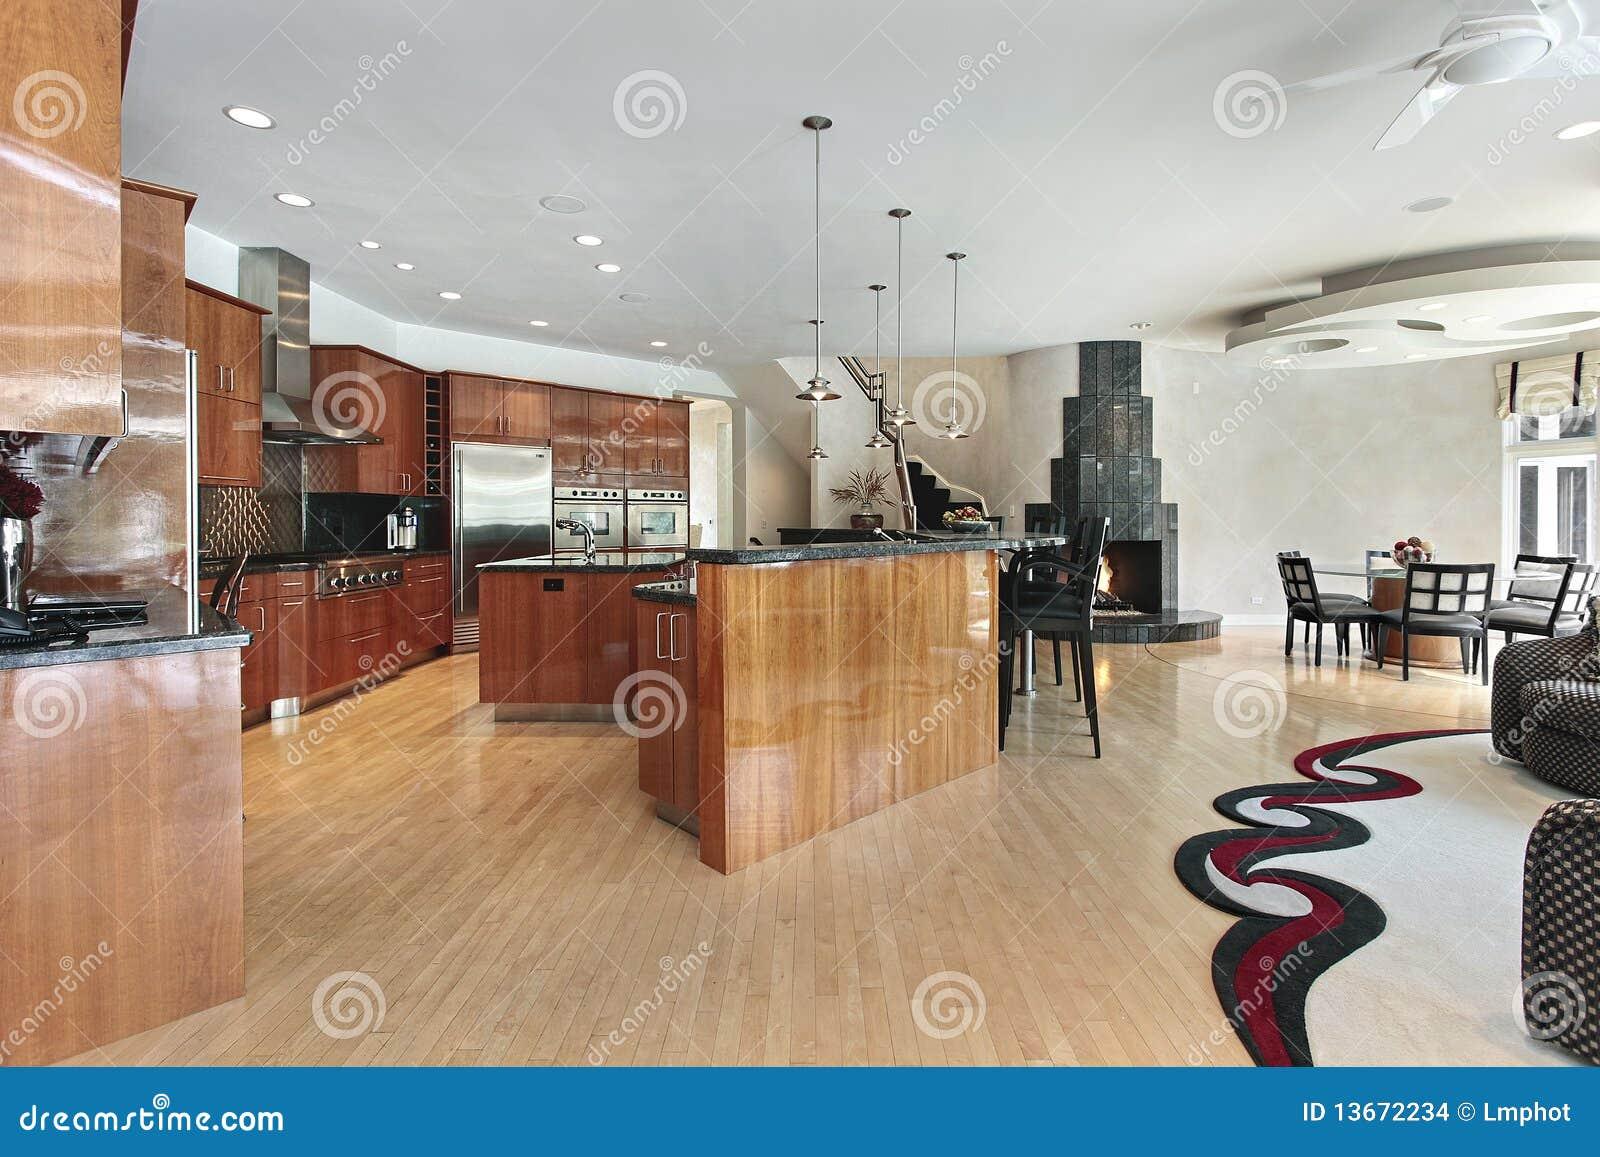 Keuken Grote Open : Grote keuken met zwarte open haard stock foto afbeelding